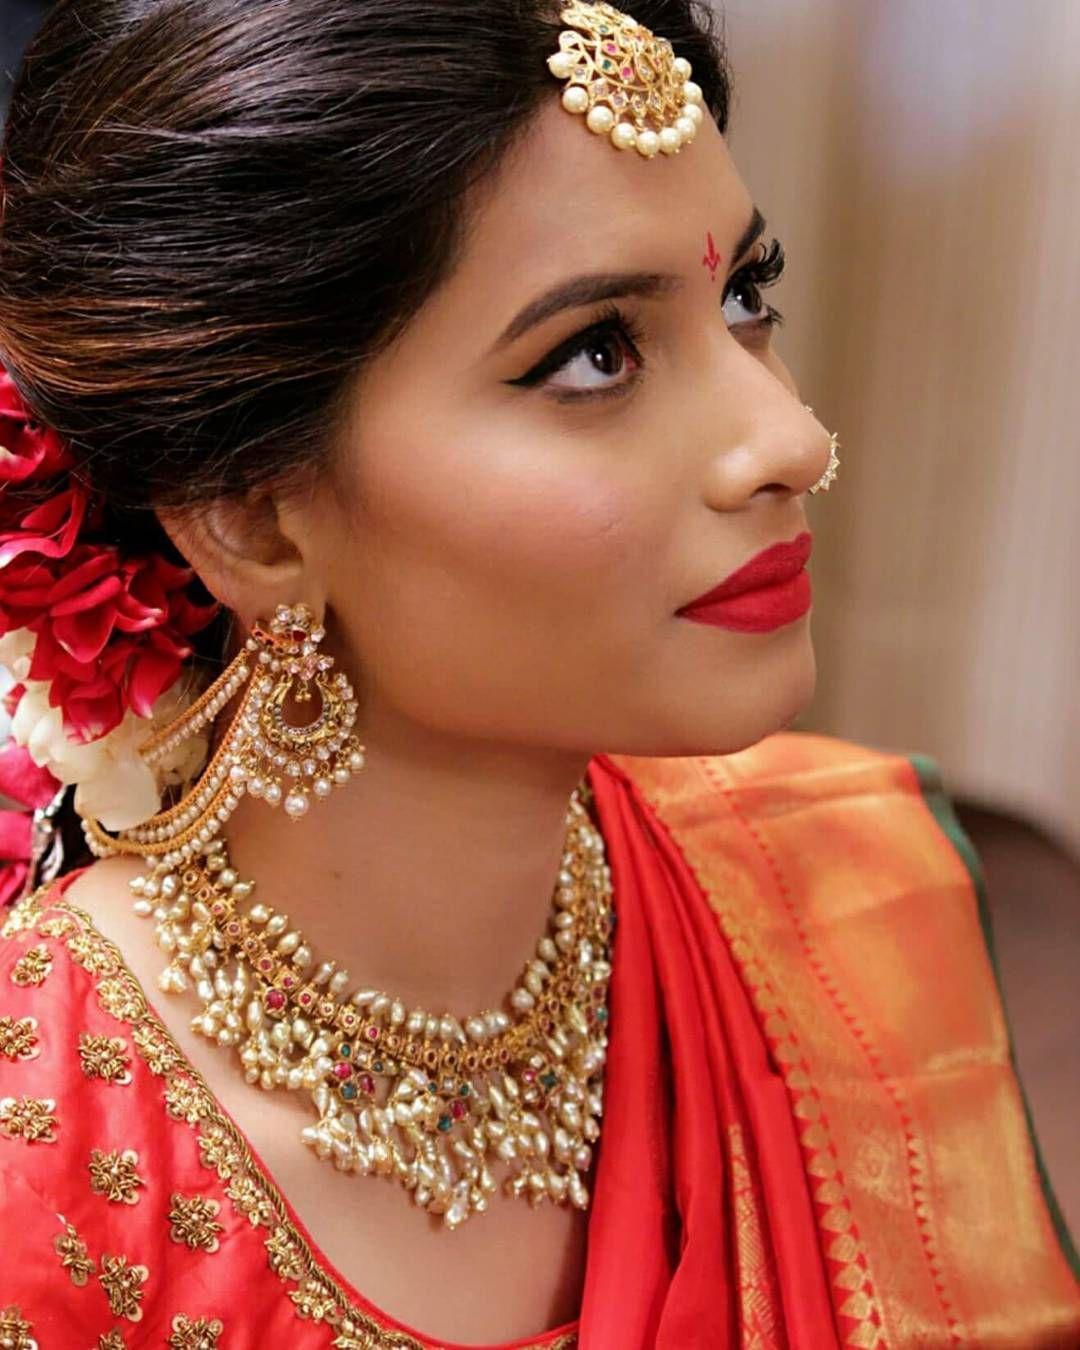 Wedding Hairstyles Hindu Bride: South Indian Bridal Jewellery